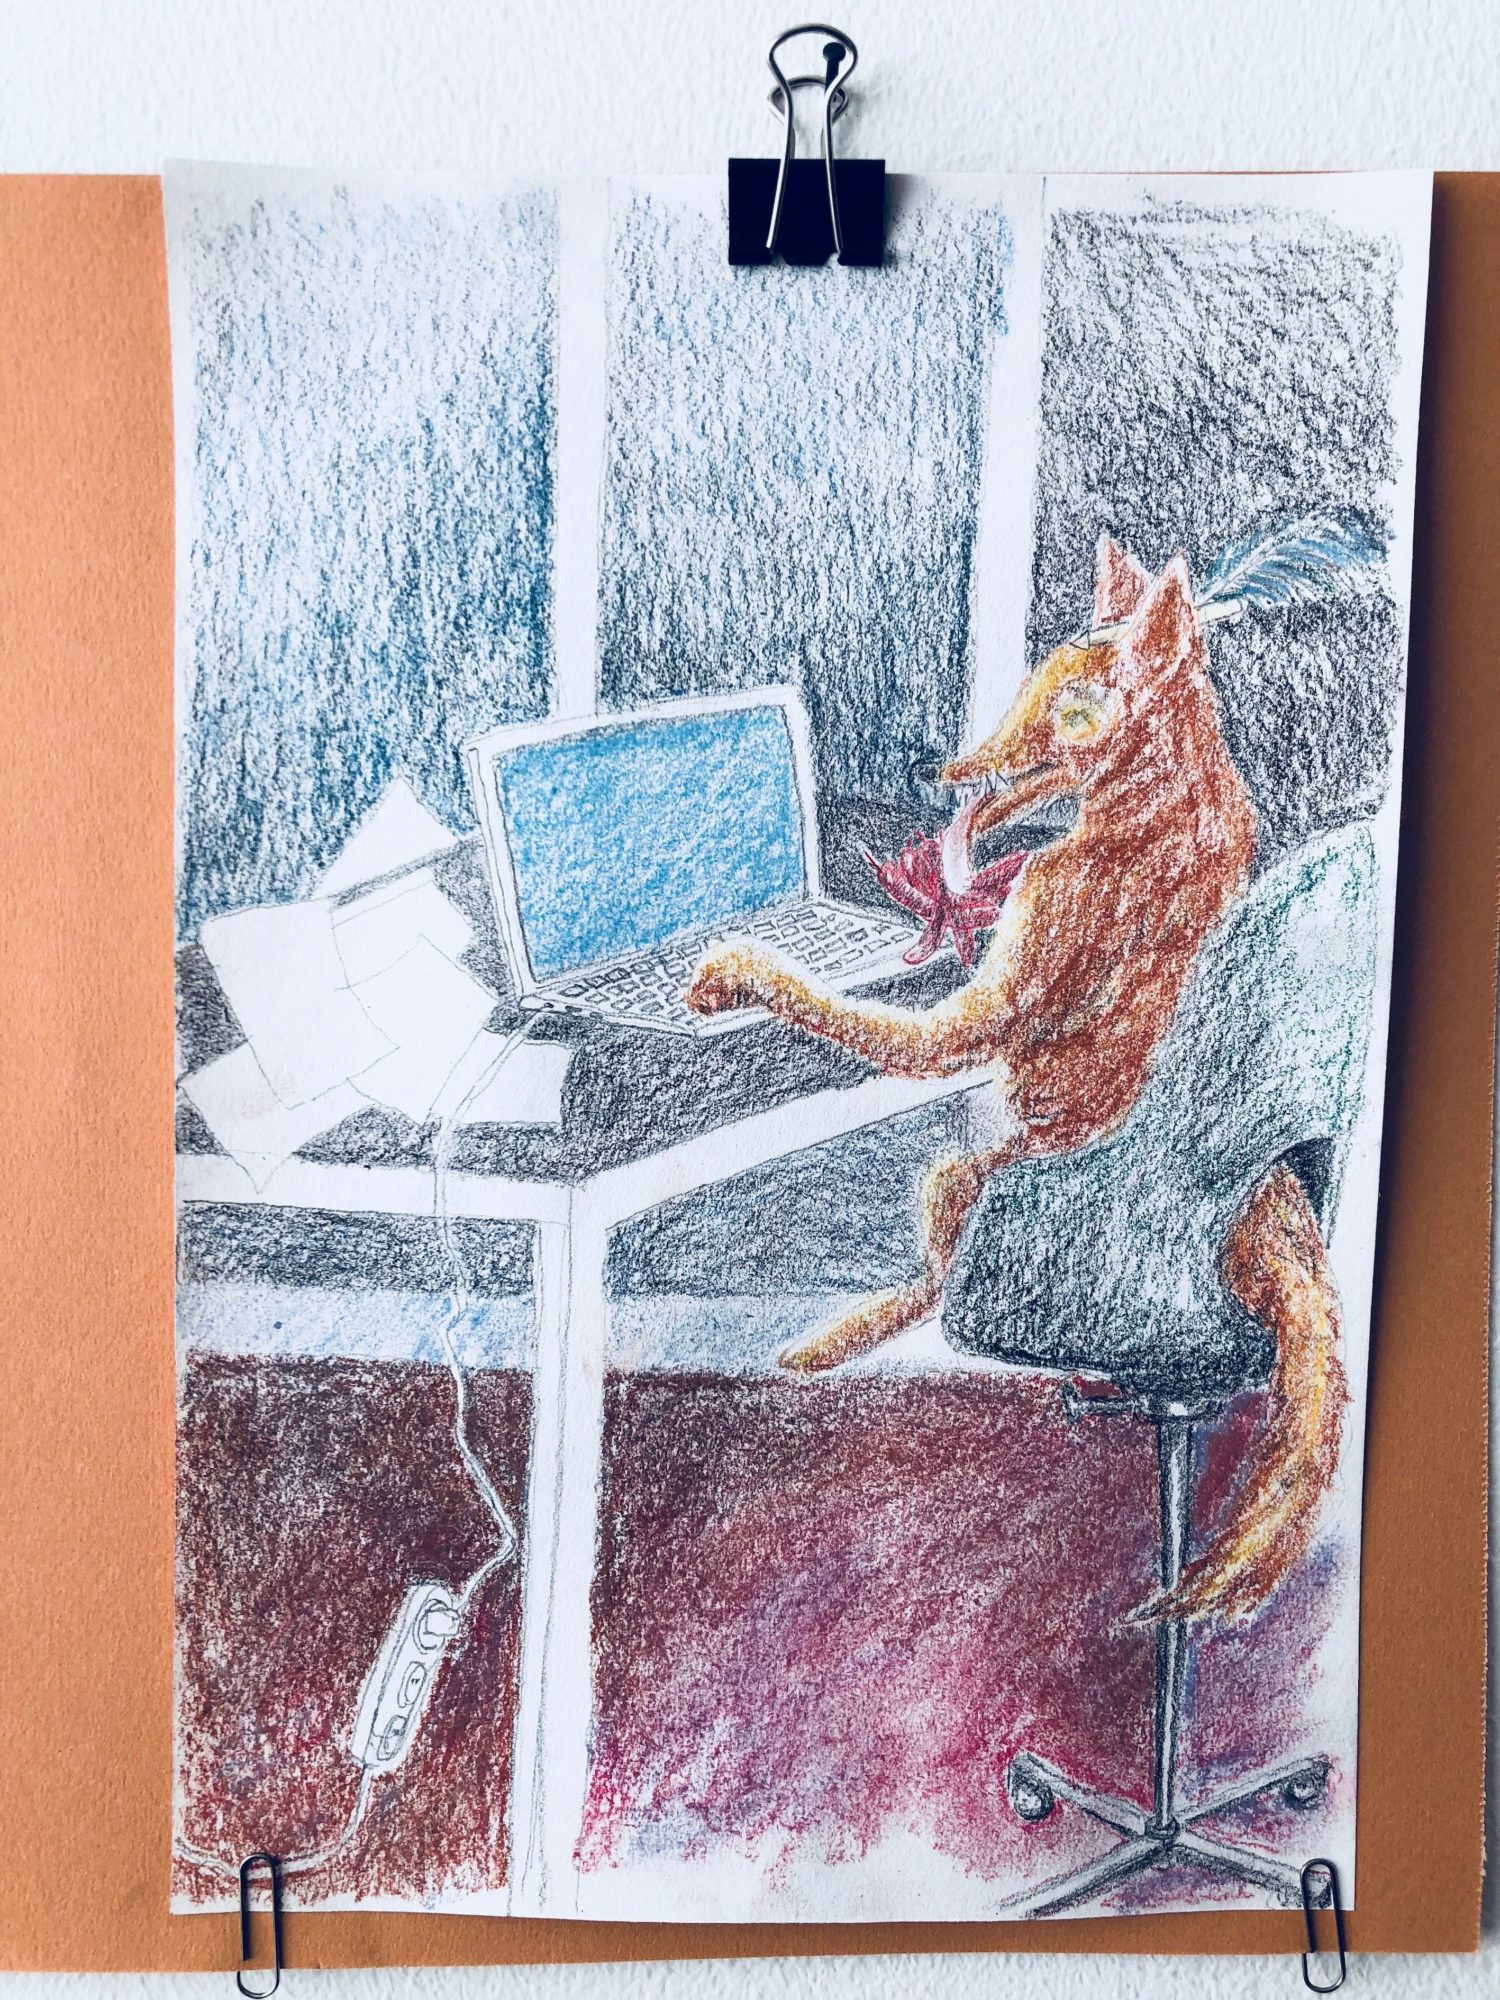 Tegning Af Ræv, Som Bruger En Forfatters PC